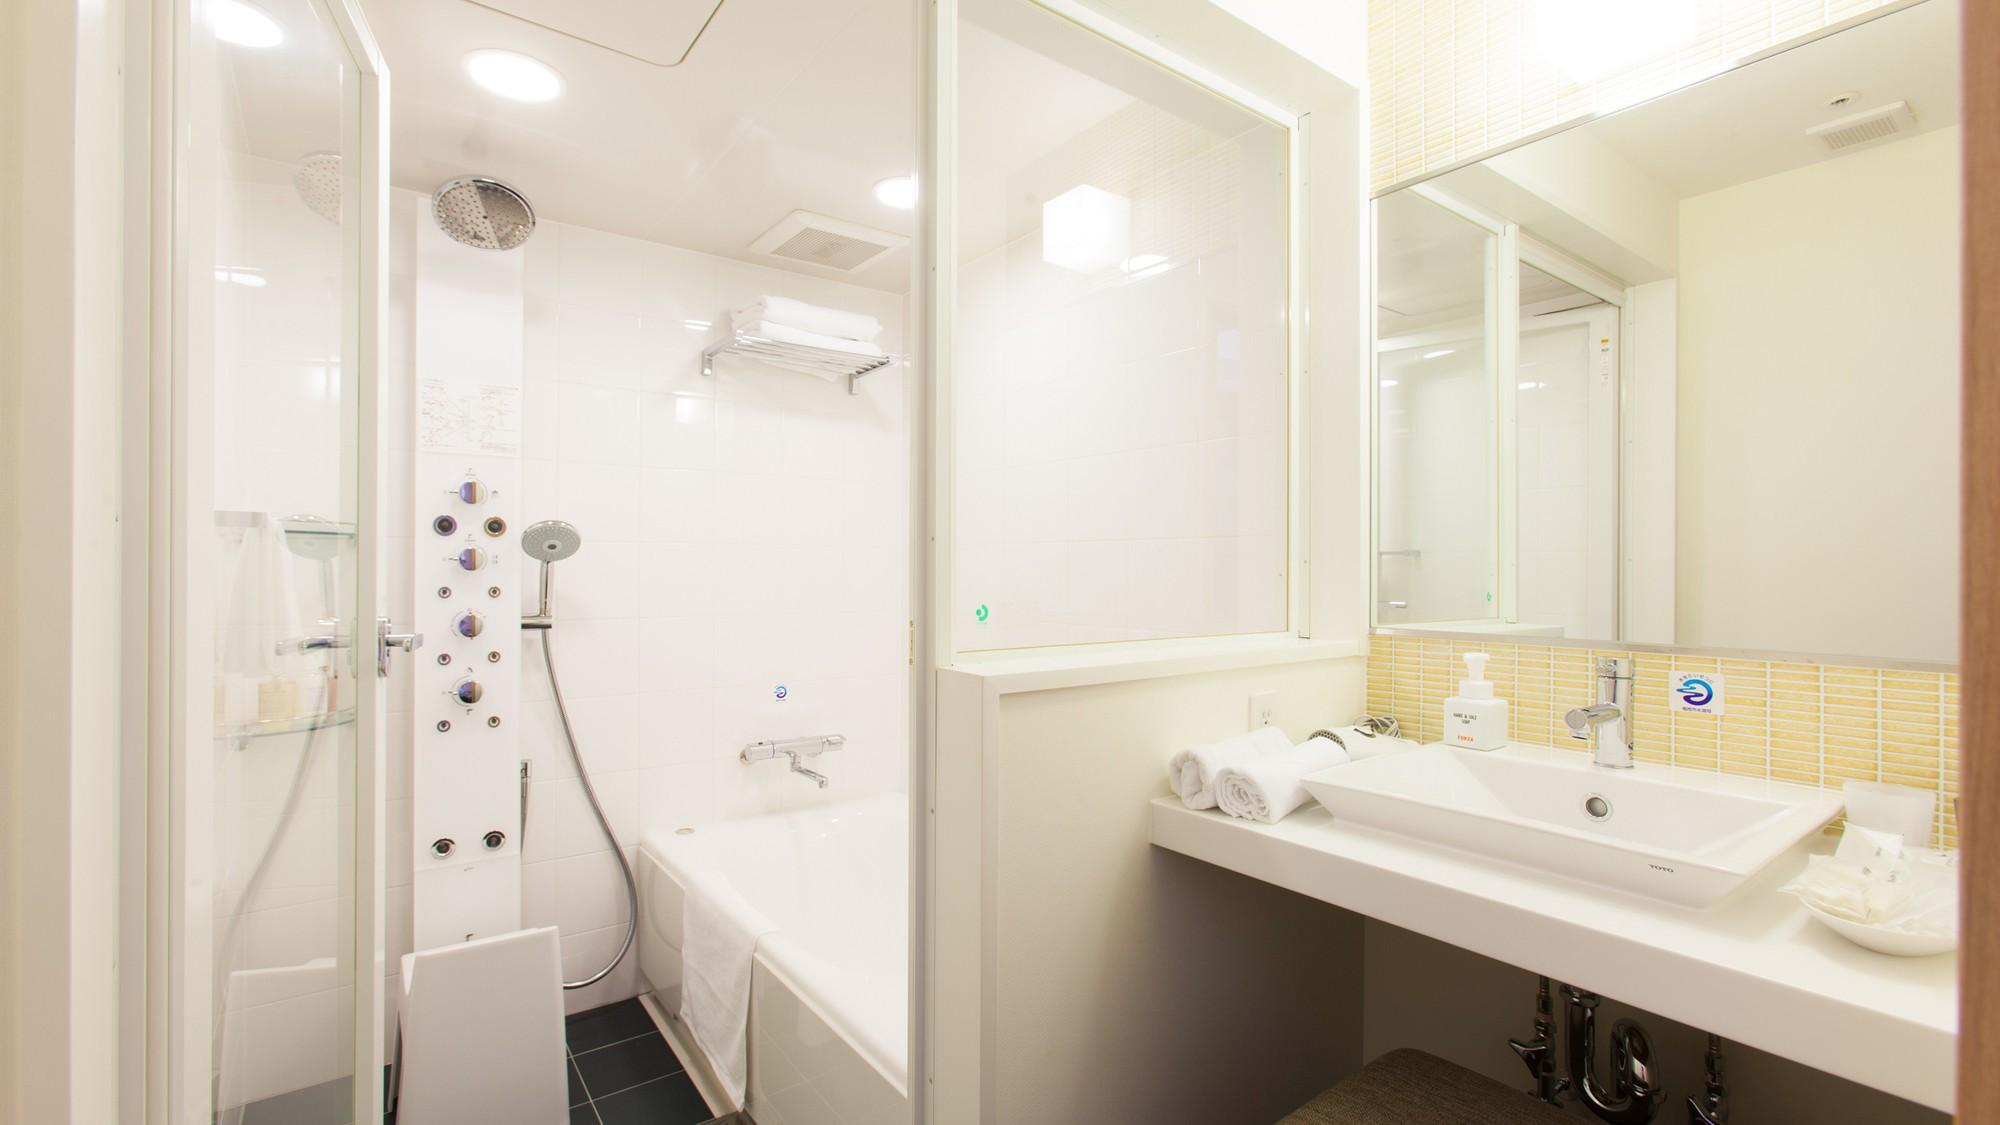 ツインルームのバスルームと洗面所、トイレはセパレートタイプ。多機能シャワーパネルをお楽しみください。